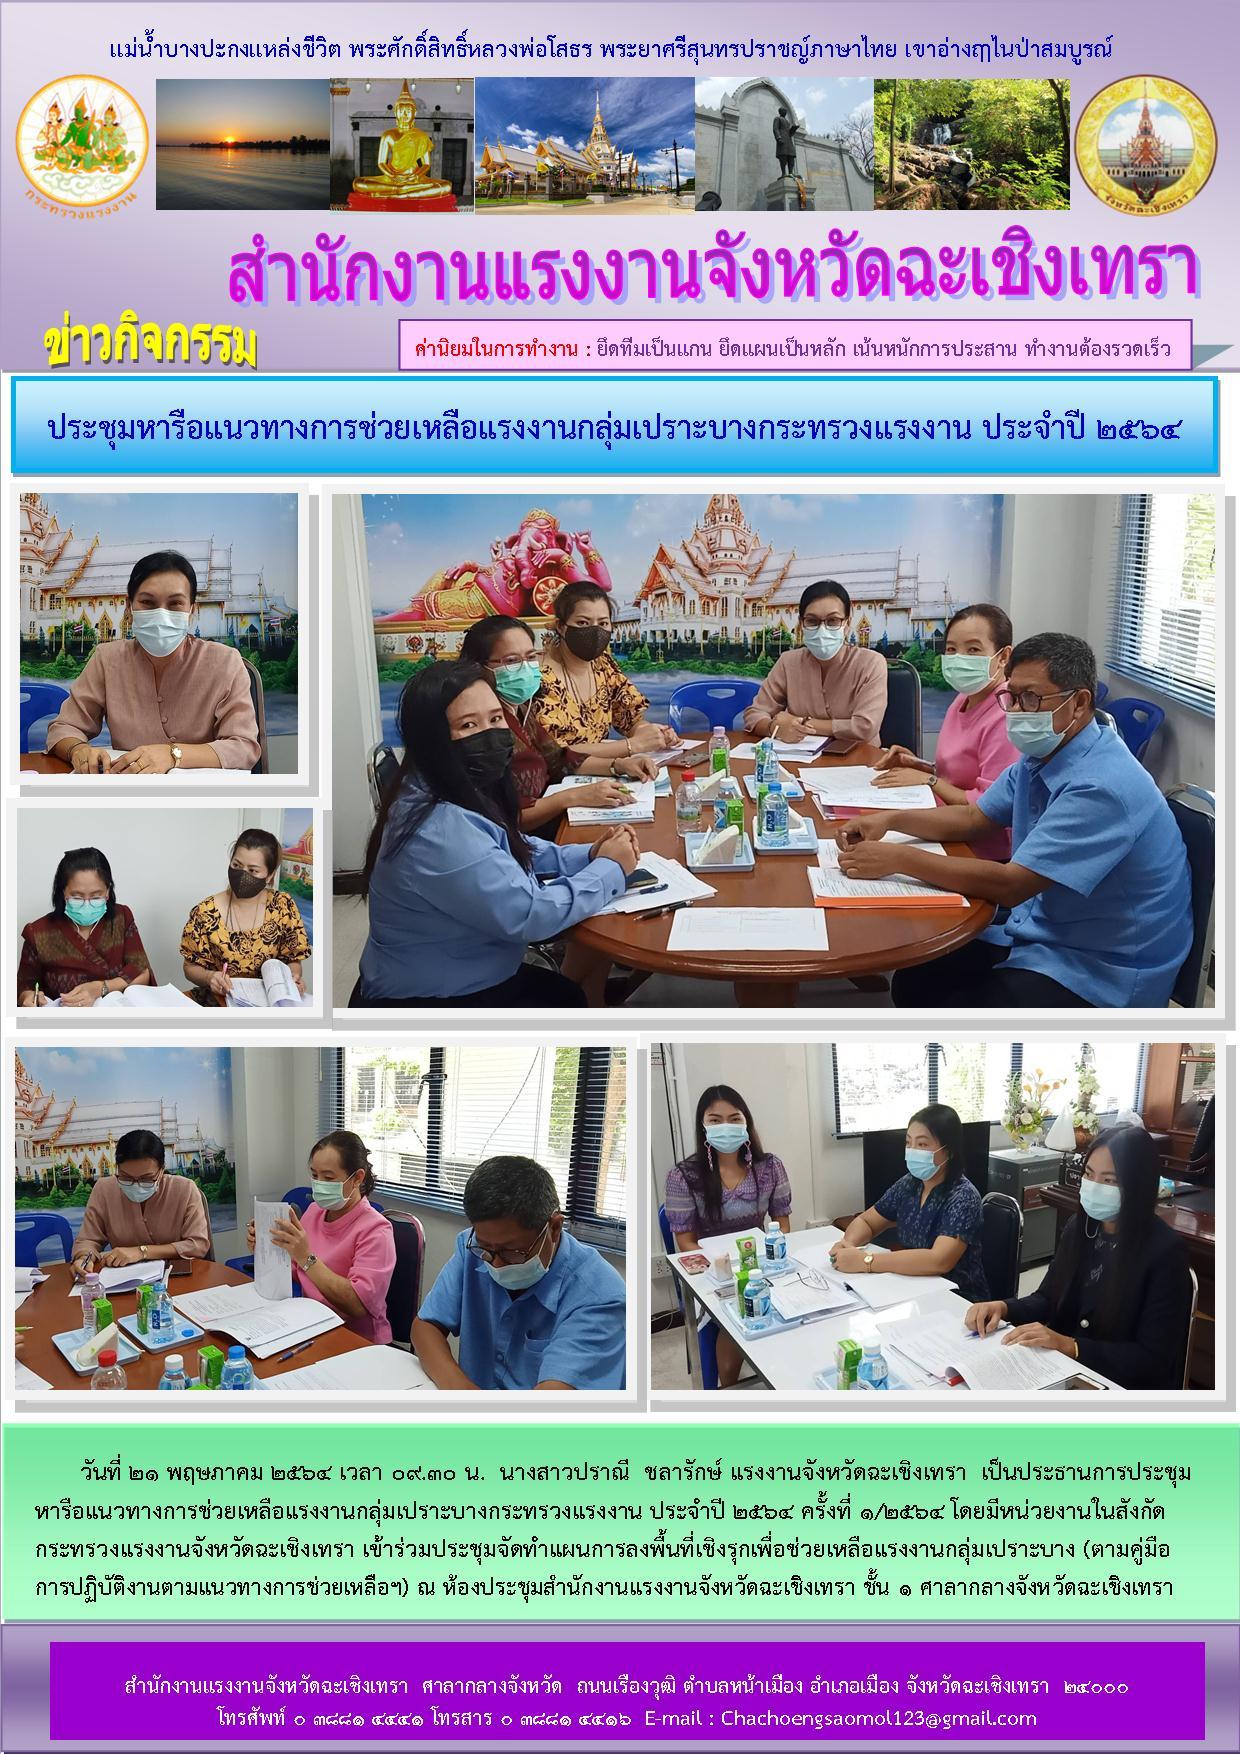 ประชุมหารือแนวทางการช่วยเหลือแรงงานกลุ่มเปราะบางกระทรวงแรงาน ประจำปี 2564